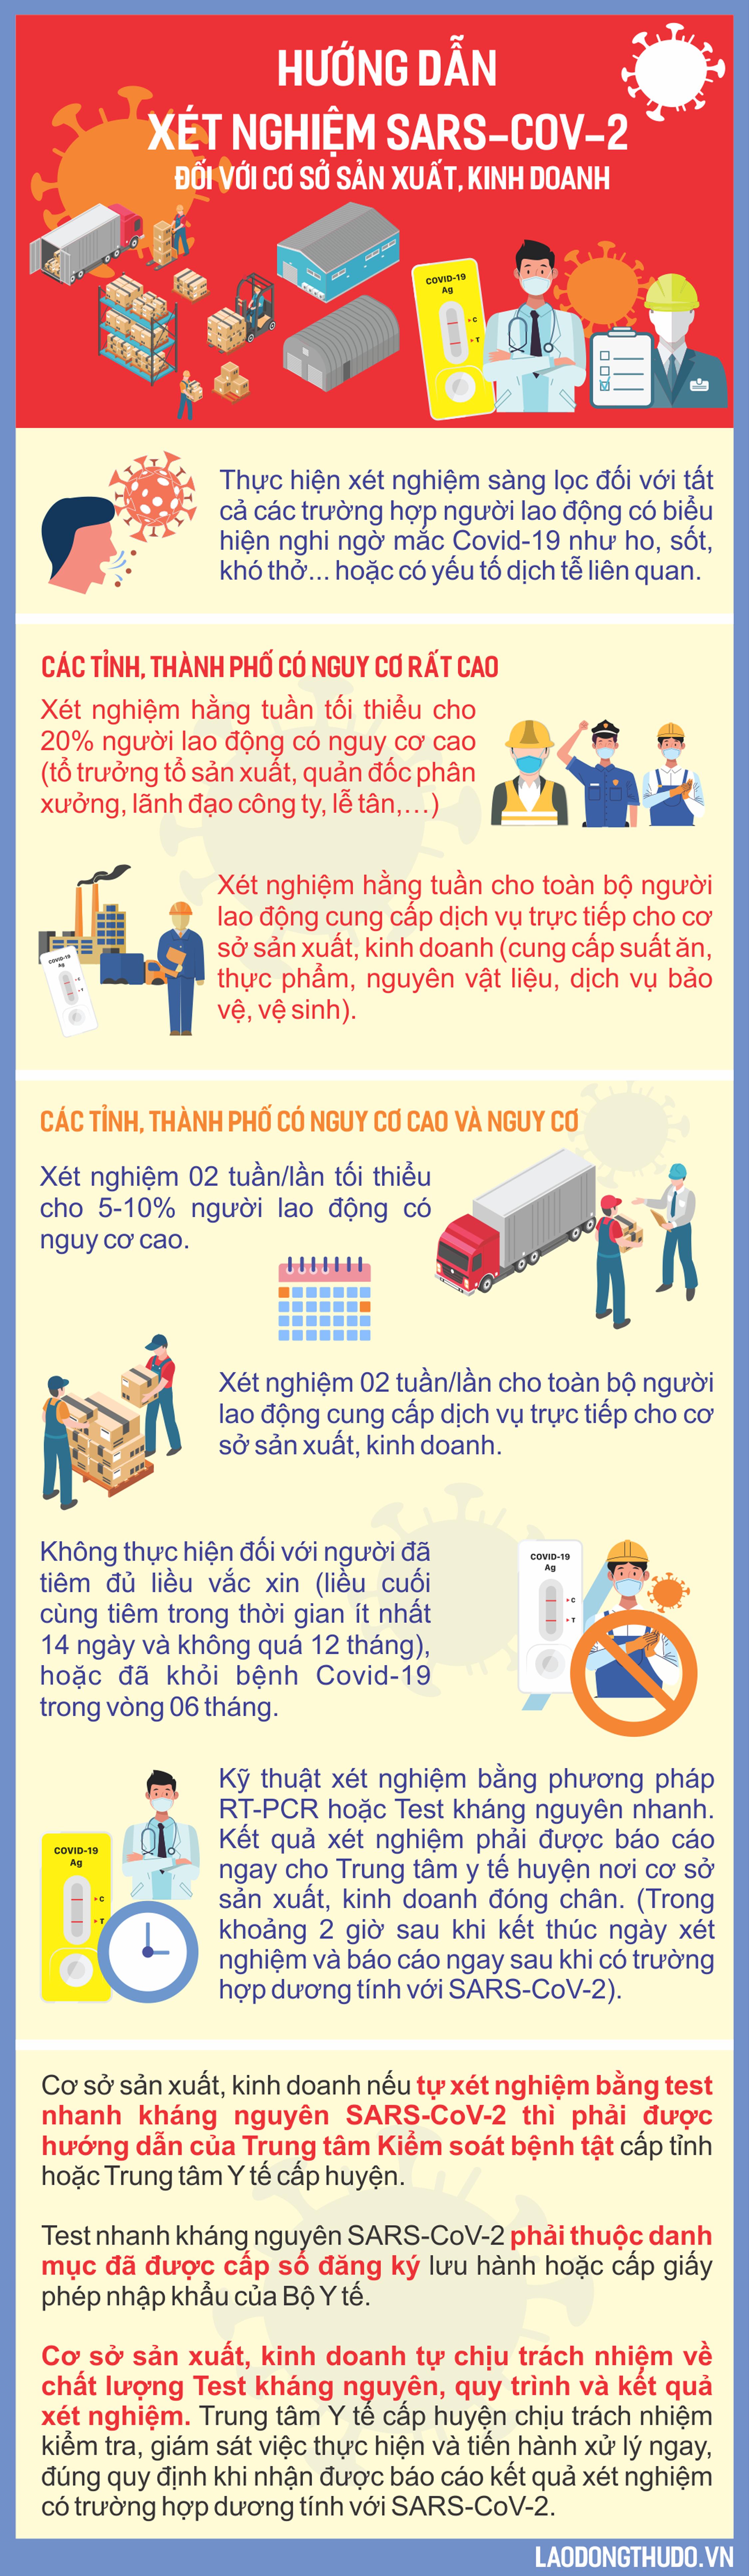 Infographic: Hướng dẫn xét nghiệm SARS-CoV-2 đối với cơ sở sản xuất, kinh doanh